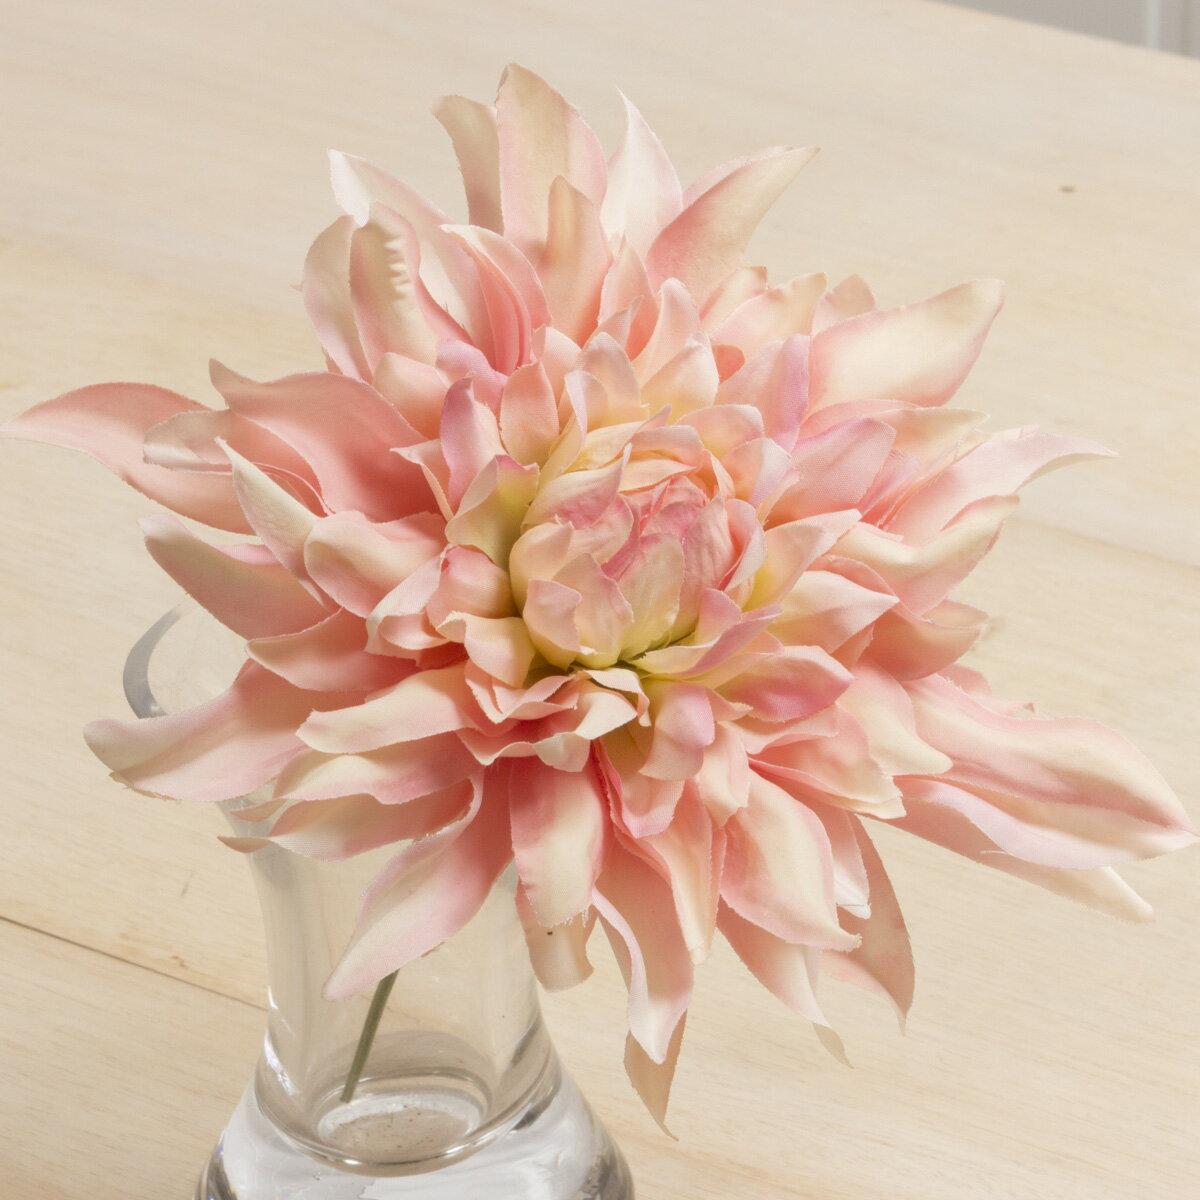 即日 【造花】YDM/ジュリーダリアピック クリームピンク/FA6919-CRP《 造花(アーティフィシャルフラワー) 造花 花材「た行」 ダリア 》